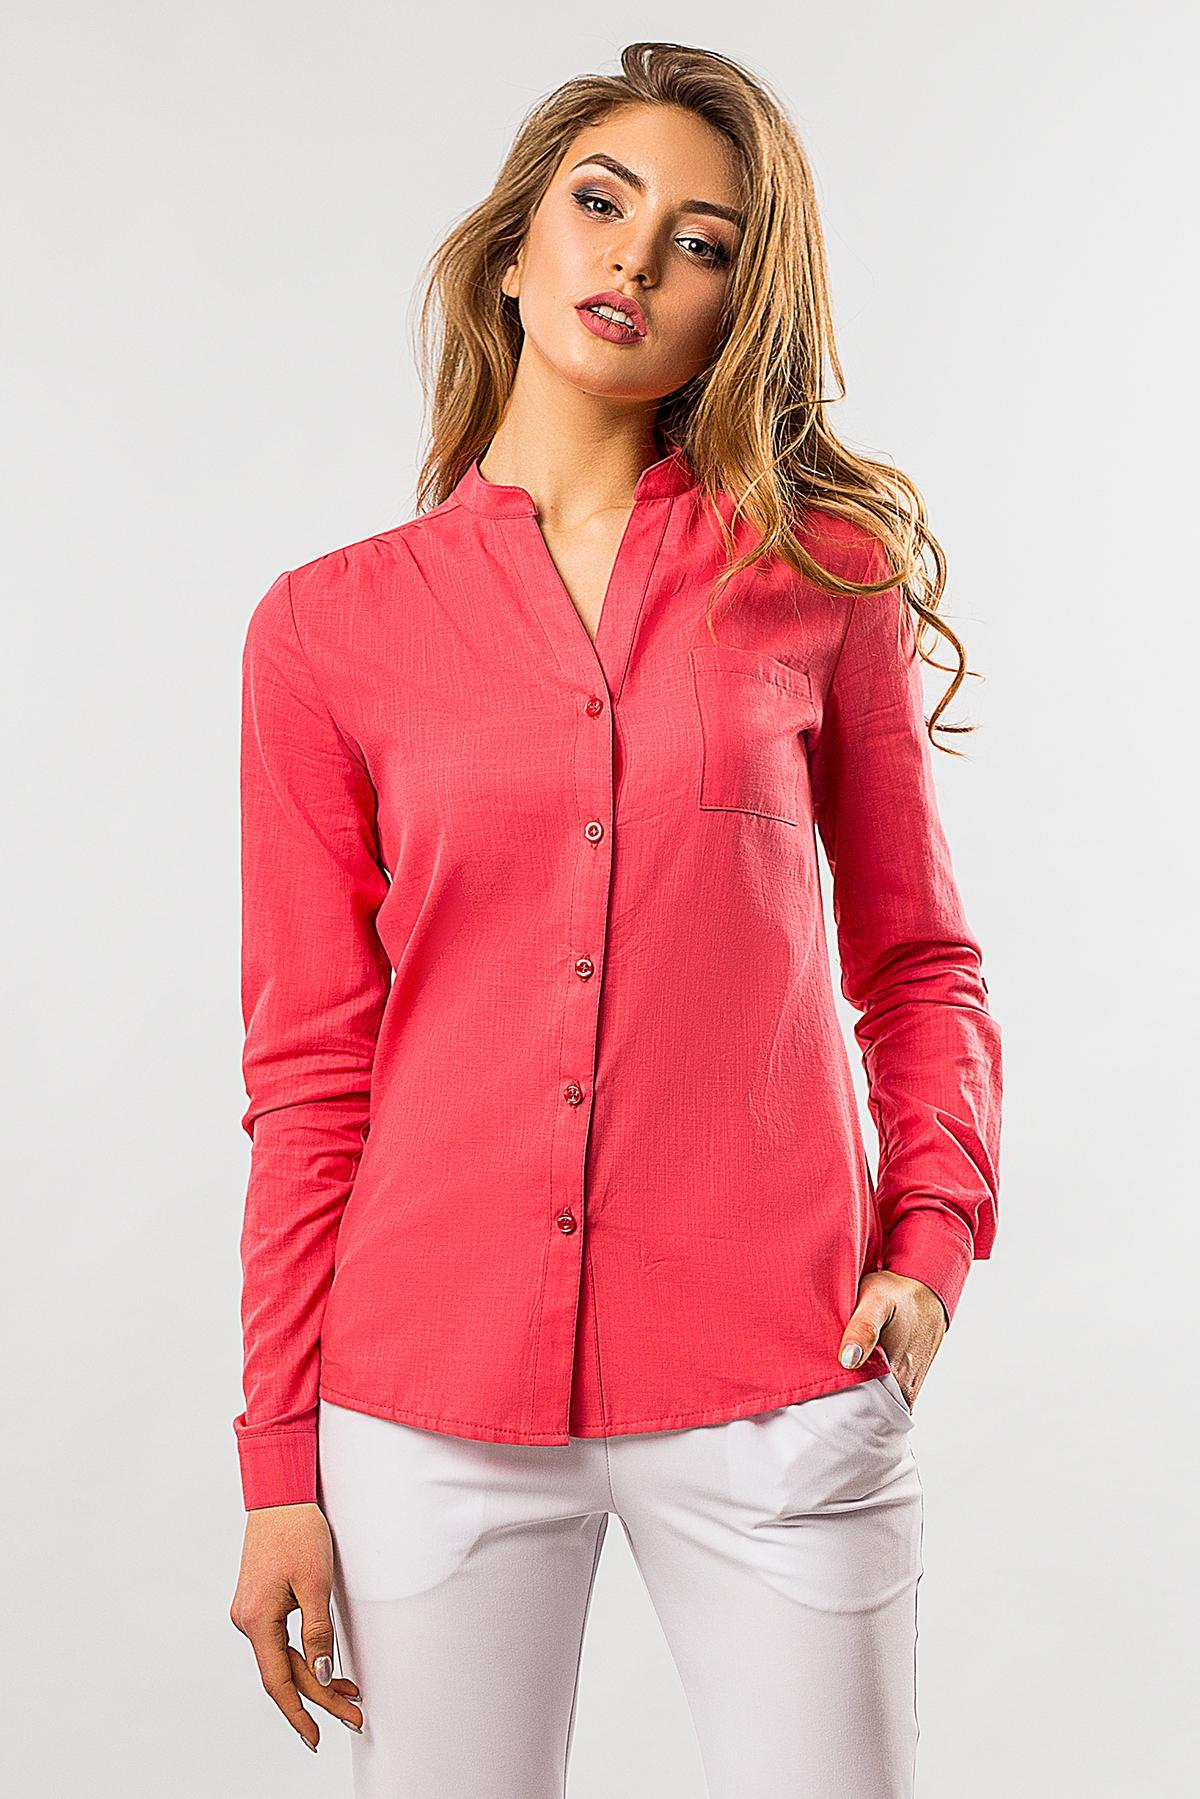 coral-shirt